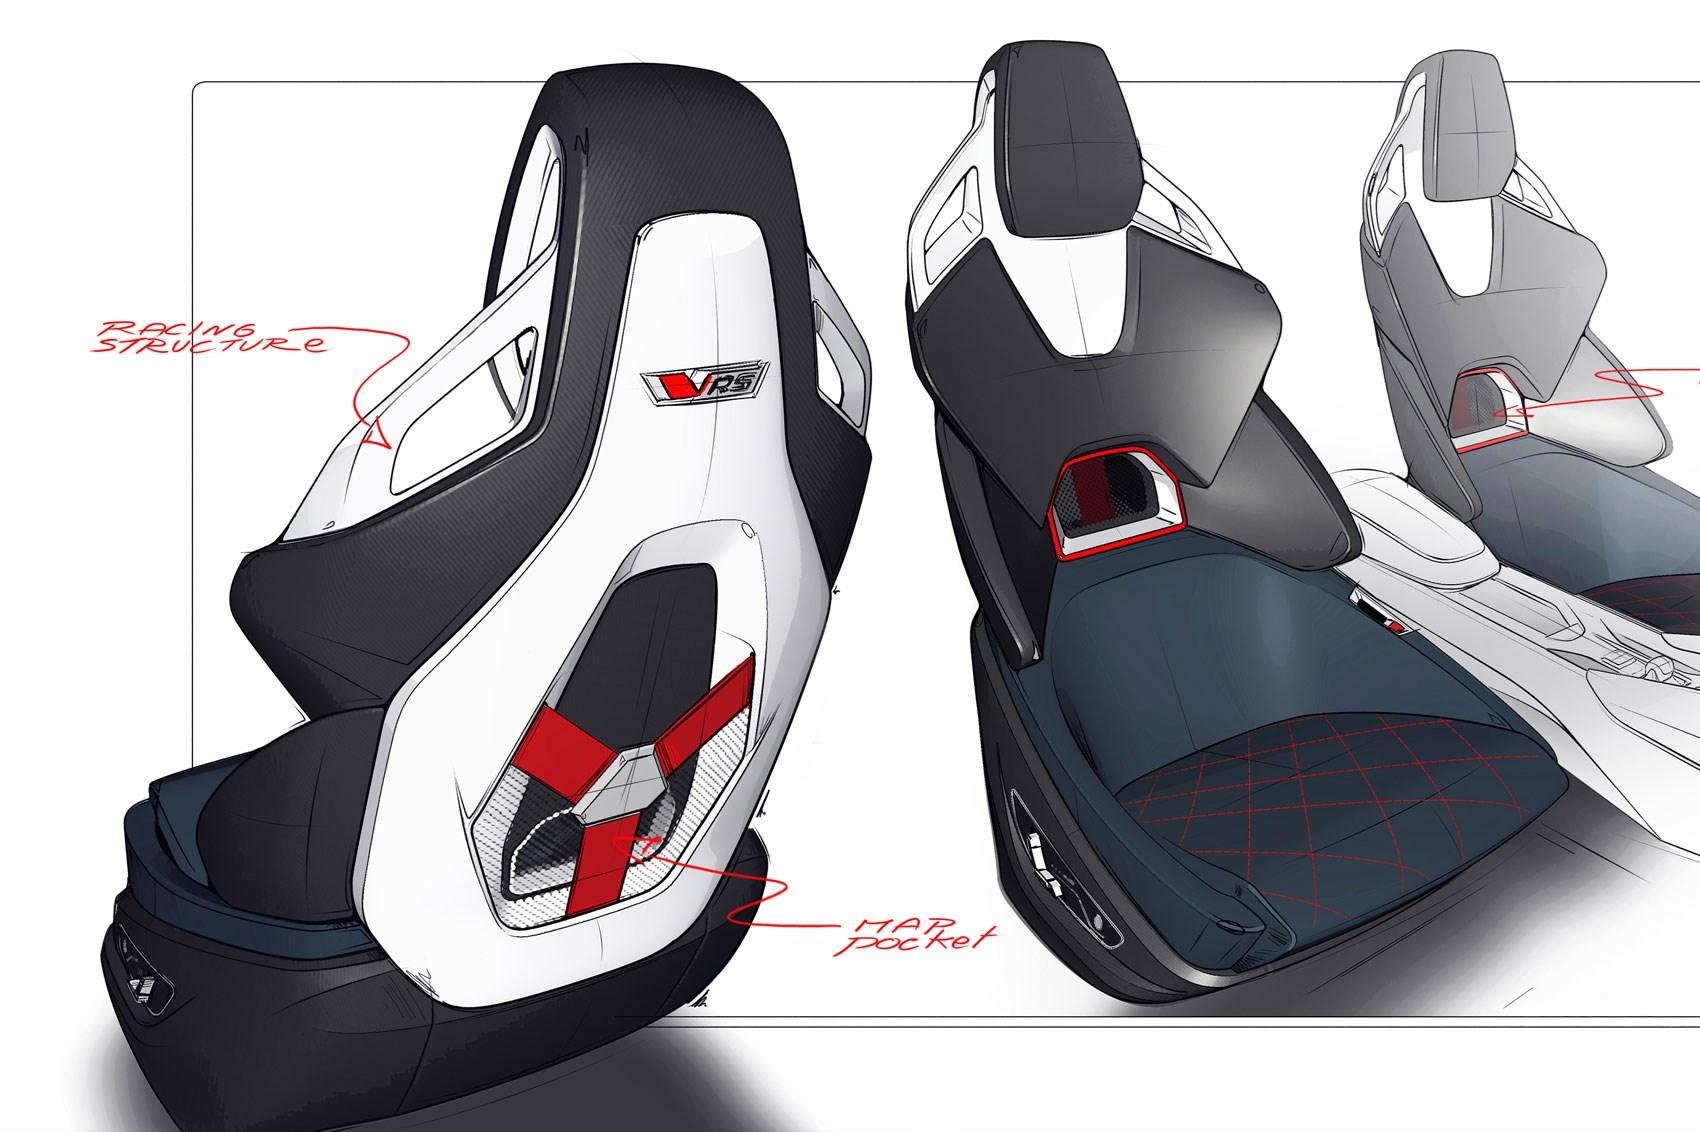 Skoda Vision Rs Concept 242bhp Phev Previews Future Hot Skodas